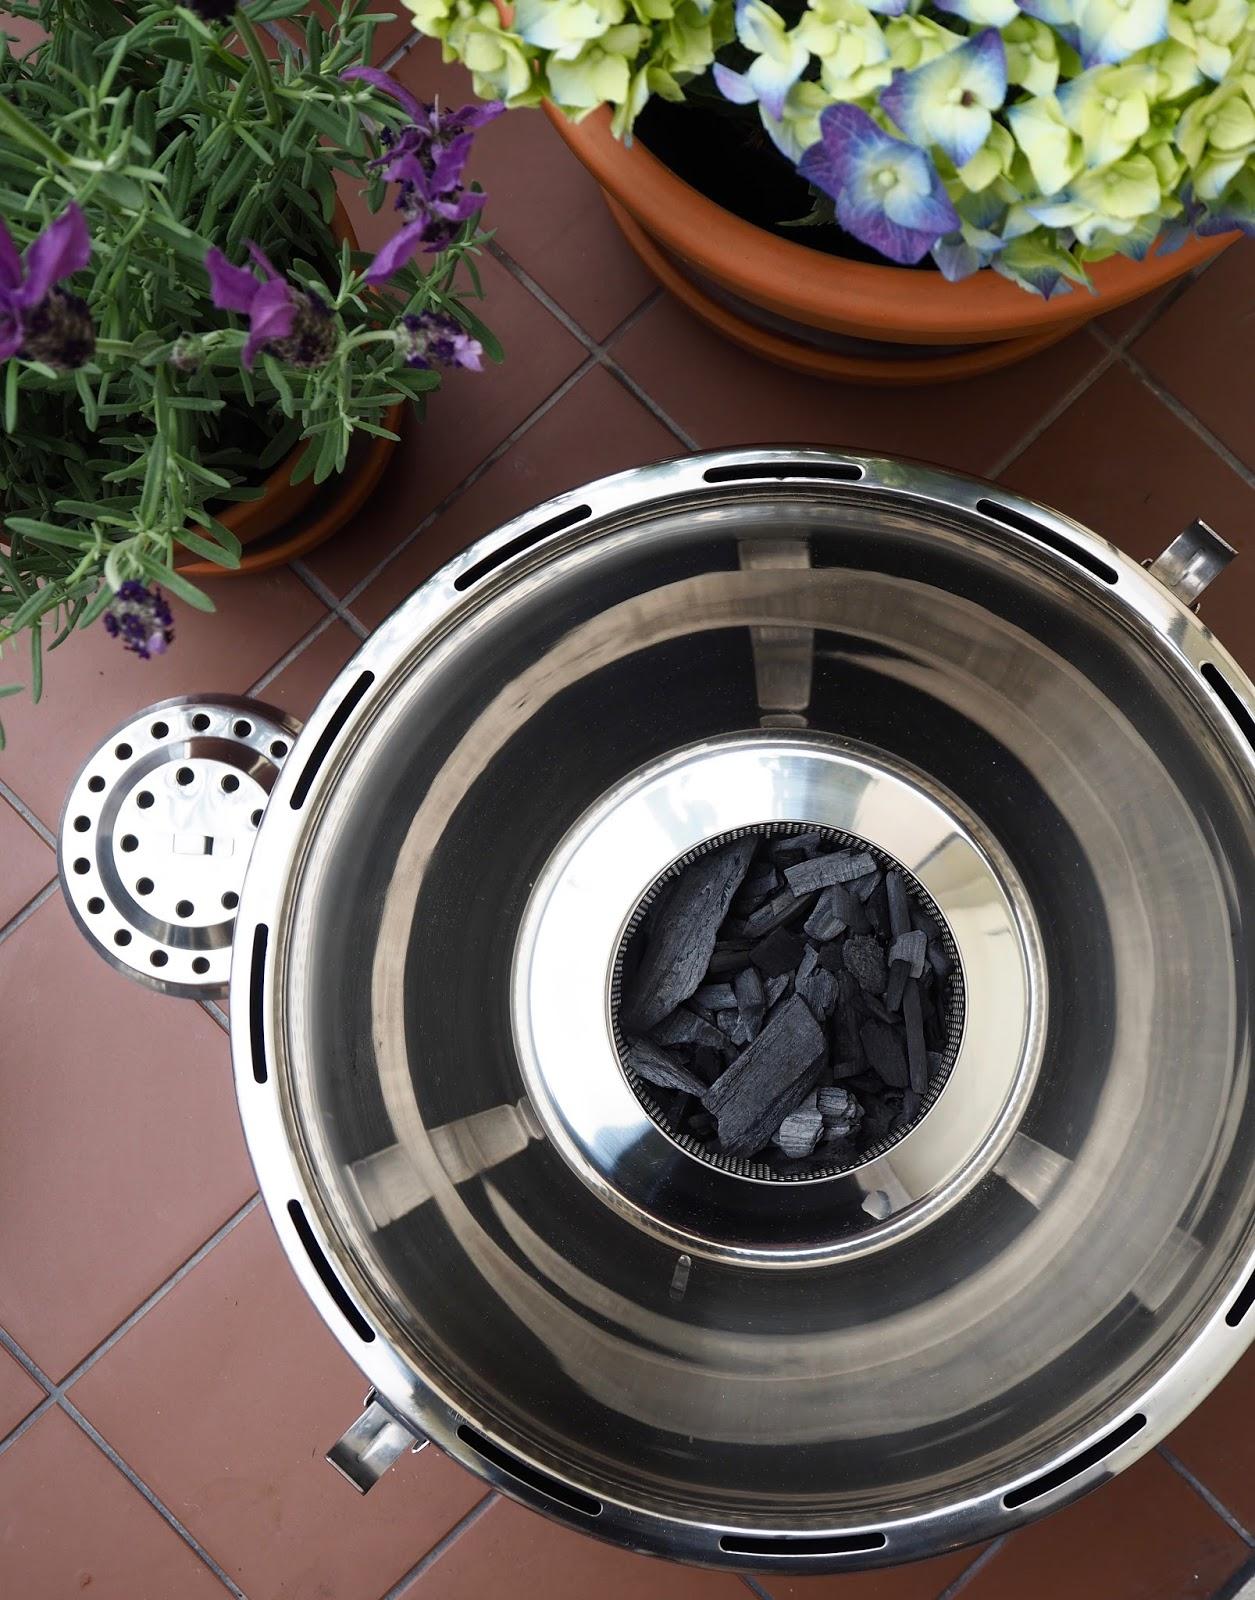 paloturvallinen hiiligrilli, LotusGrill, grillitesti, parvekkeella grillaaminen